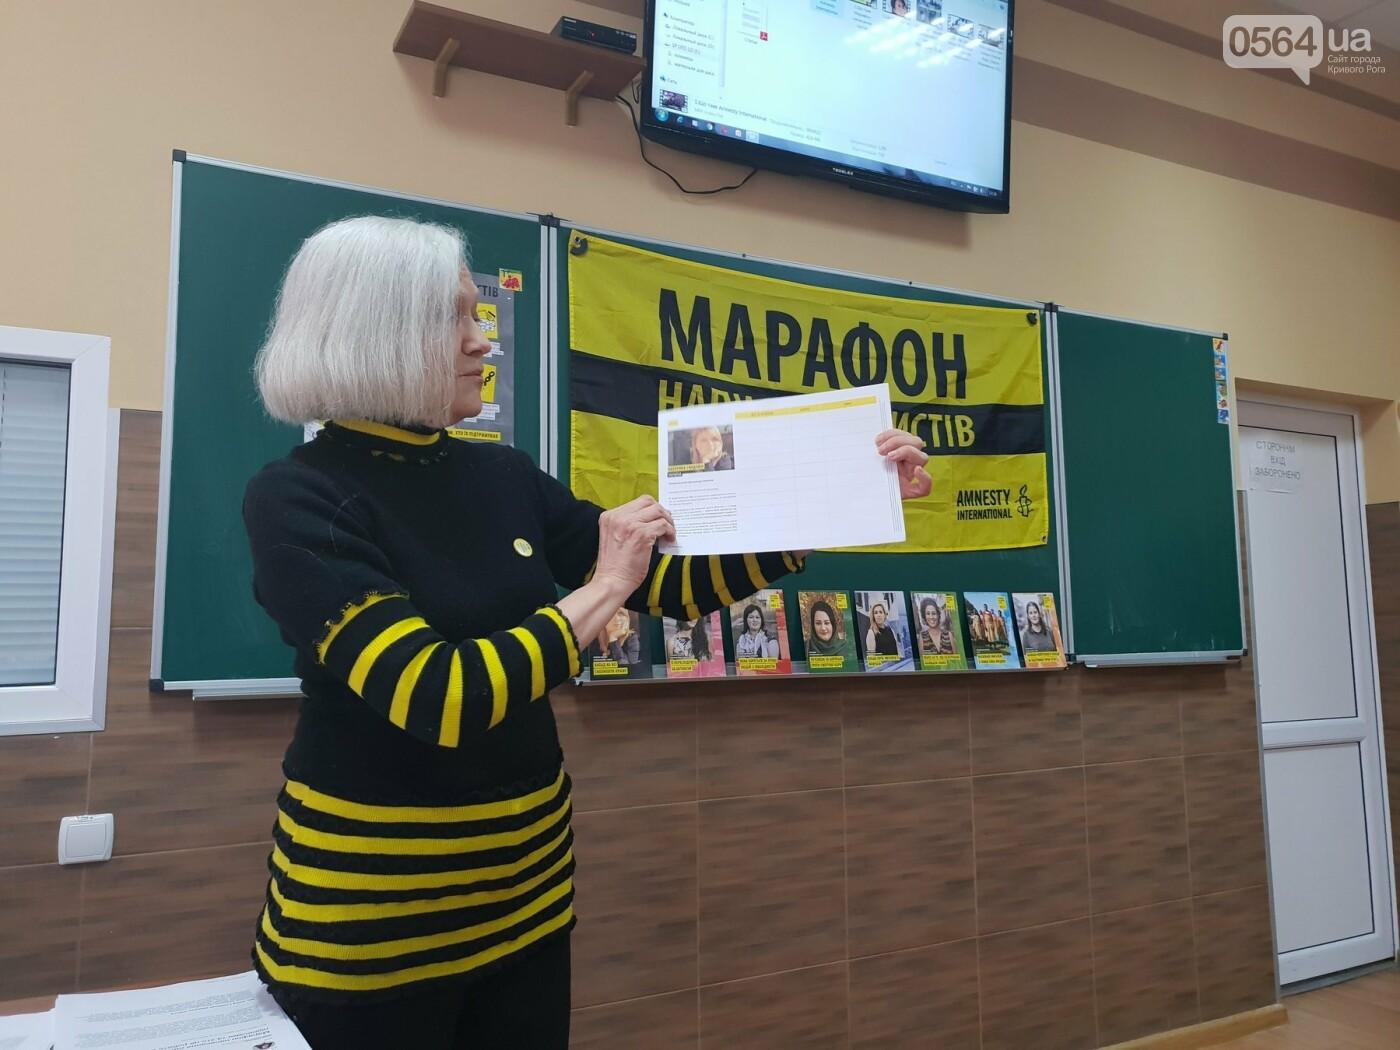 В криворожской школе №17 собрали подписи в поддержку несправедливо осужденных, - ФОТО, фото-1